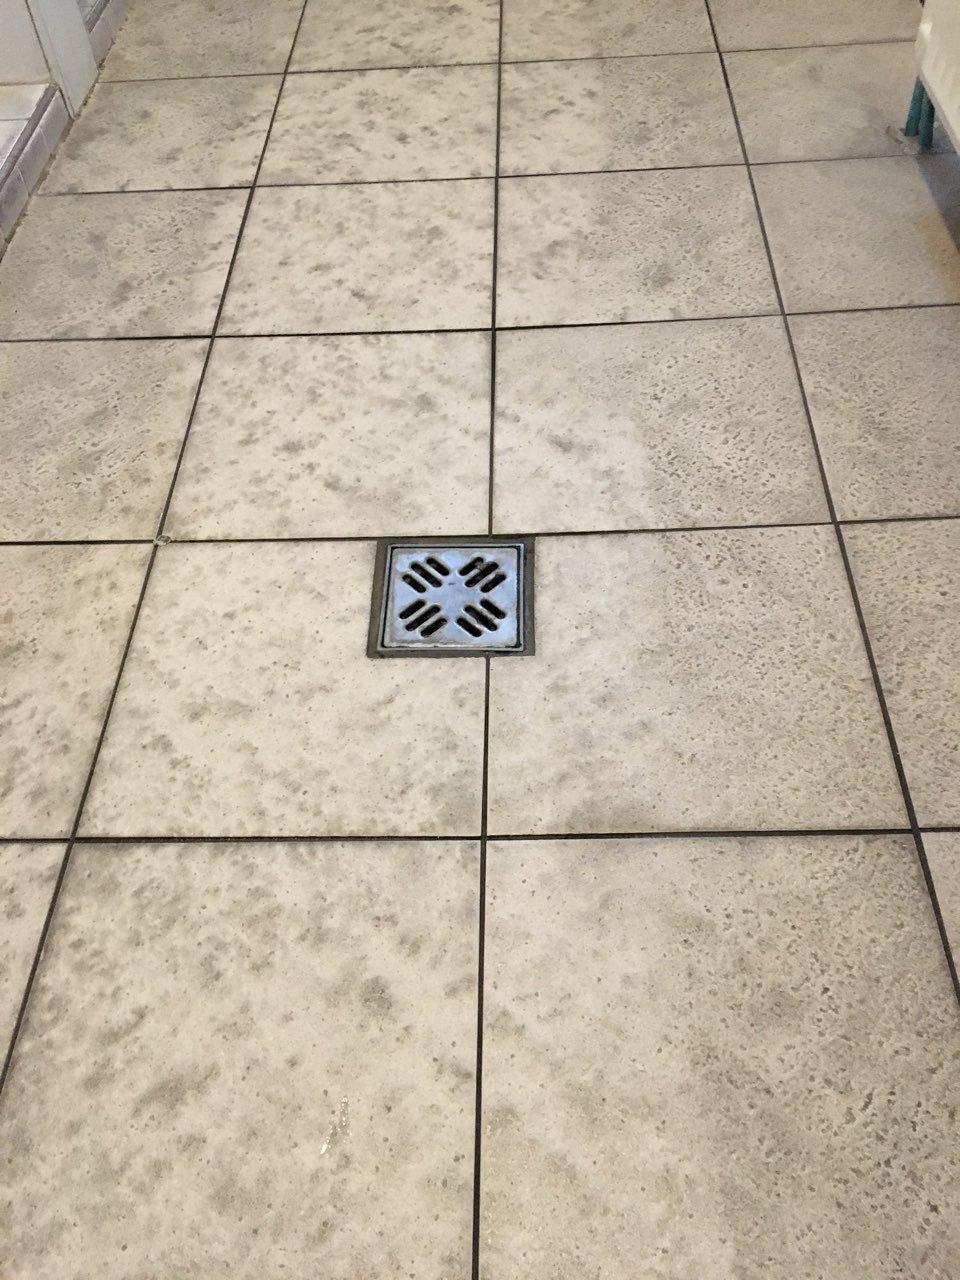 Uszodai öltőző kerámia padlójának takarítása tiszta vízzel Rotowash padlótisztító géppel